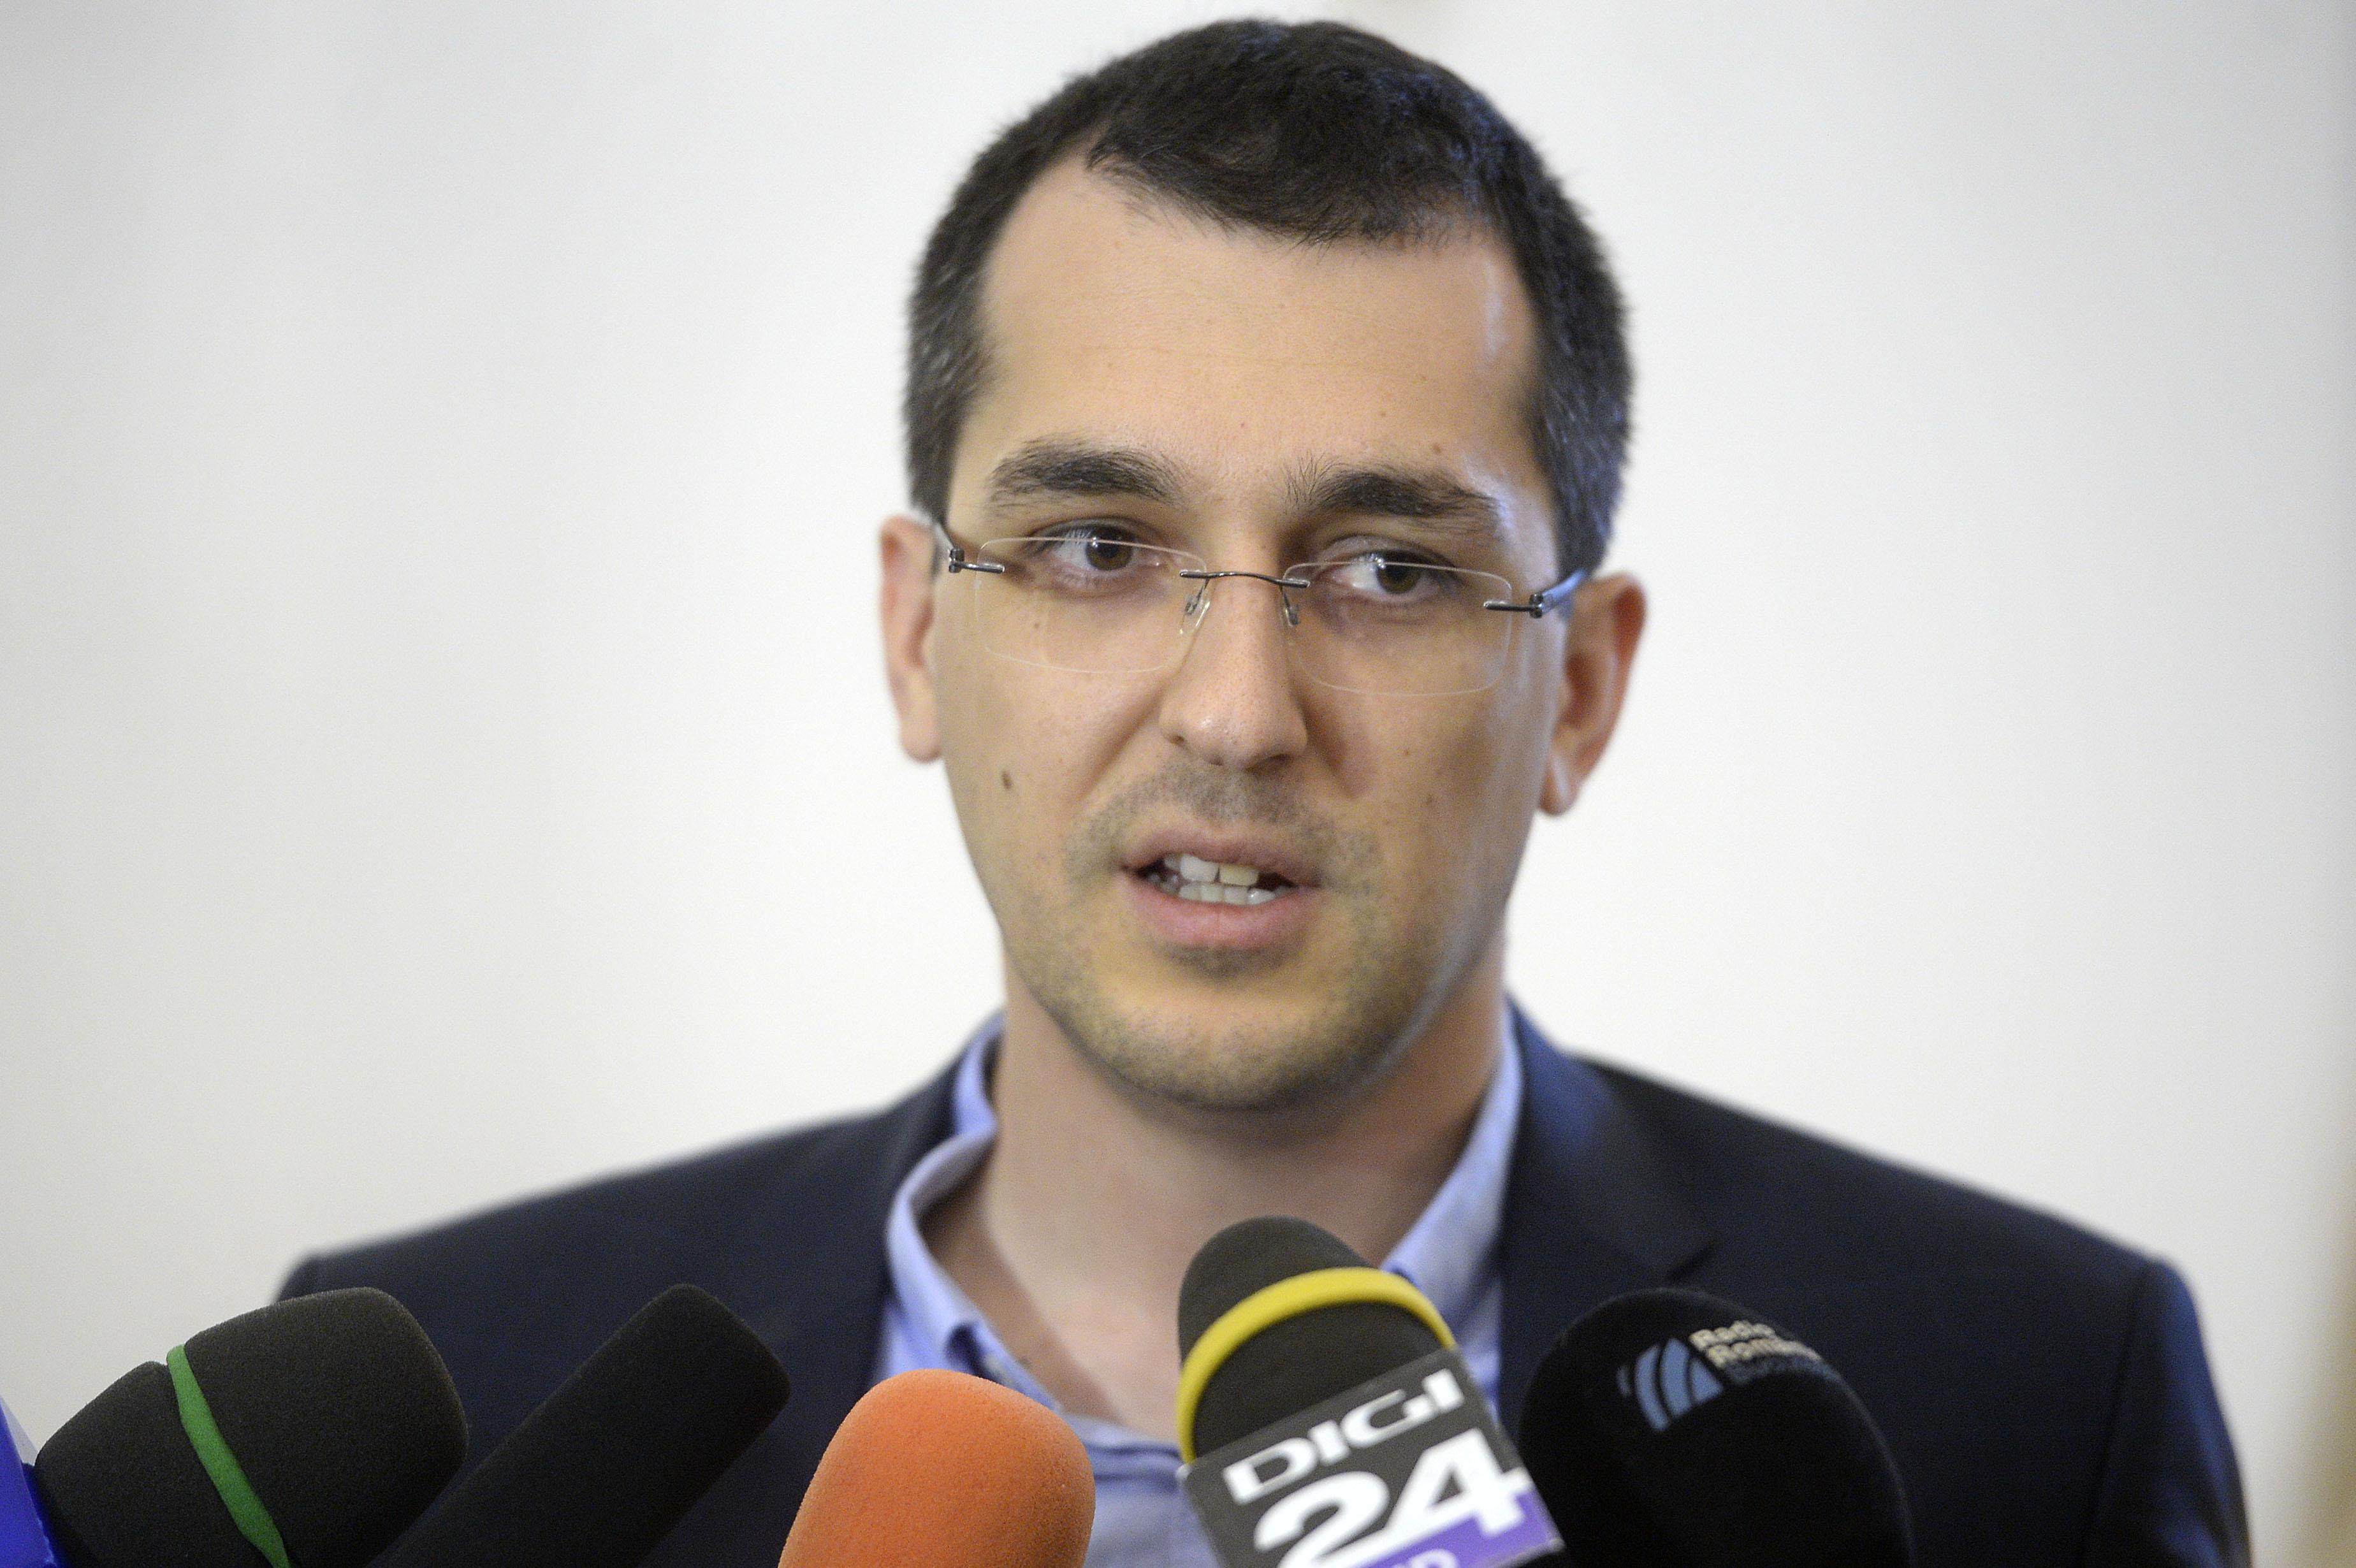 Vlad Voiculescu: Politicieni şi oameni cu influenţă au ştiut şi au profitat de serviciile preferenţiale ale medicului Lucan. Printre ei,  Alexandru Arşinel şi Victor Socaciu. Sunt sute de cazuri